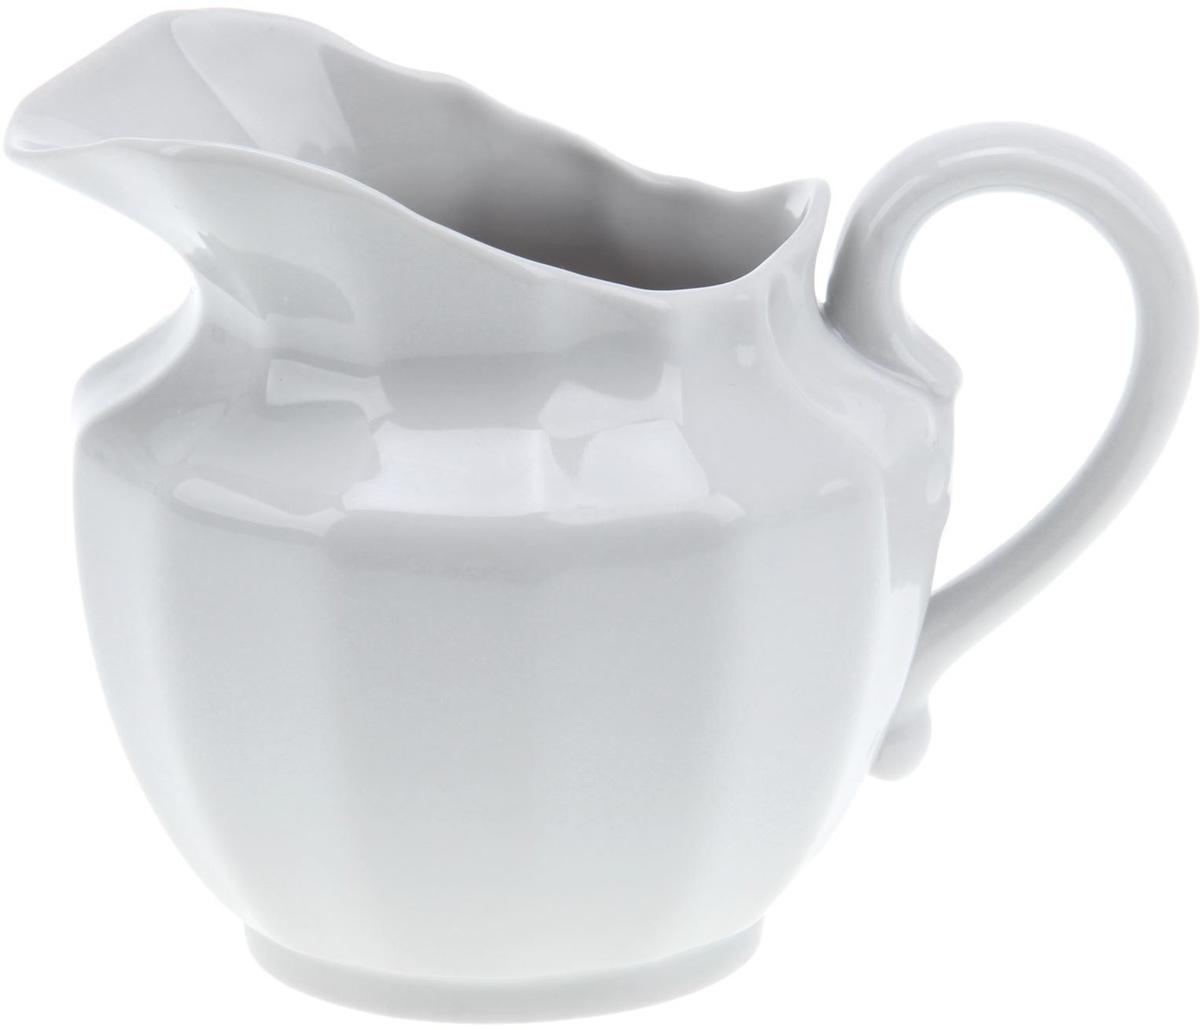 Сливочник Фарфор Вербилок. 13331871333187Сливочник Фарфор Вербилок выполнен из высококачественного фарфора.Это изделие предназначено для того, чтобы красиво и аппетитно подавать настол сливки или молоко к чаю, кофе, супу или фруктам.